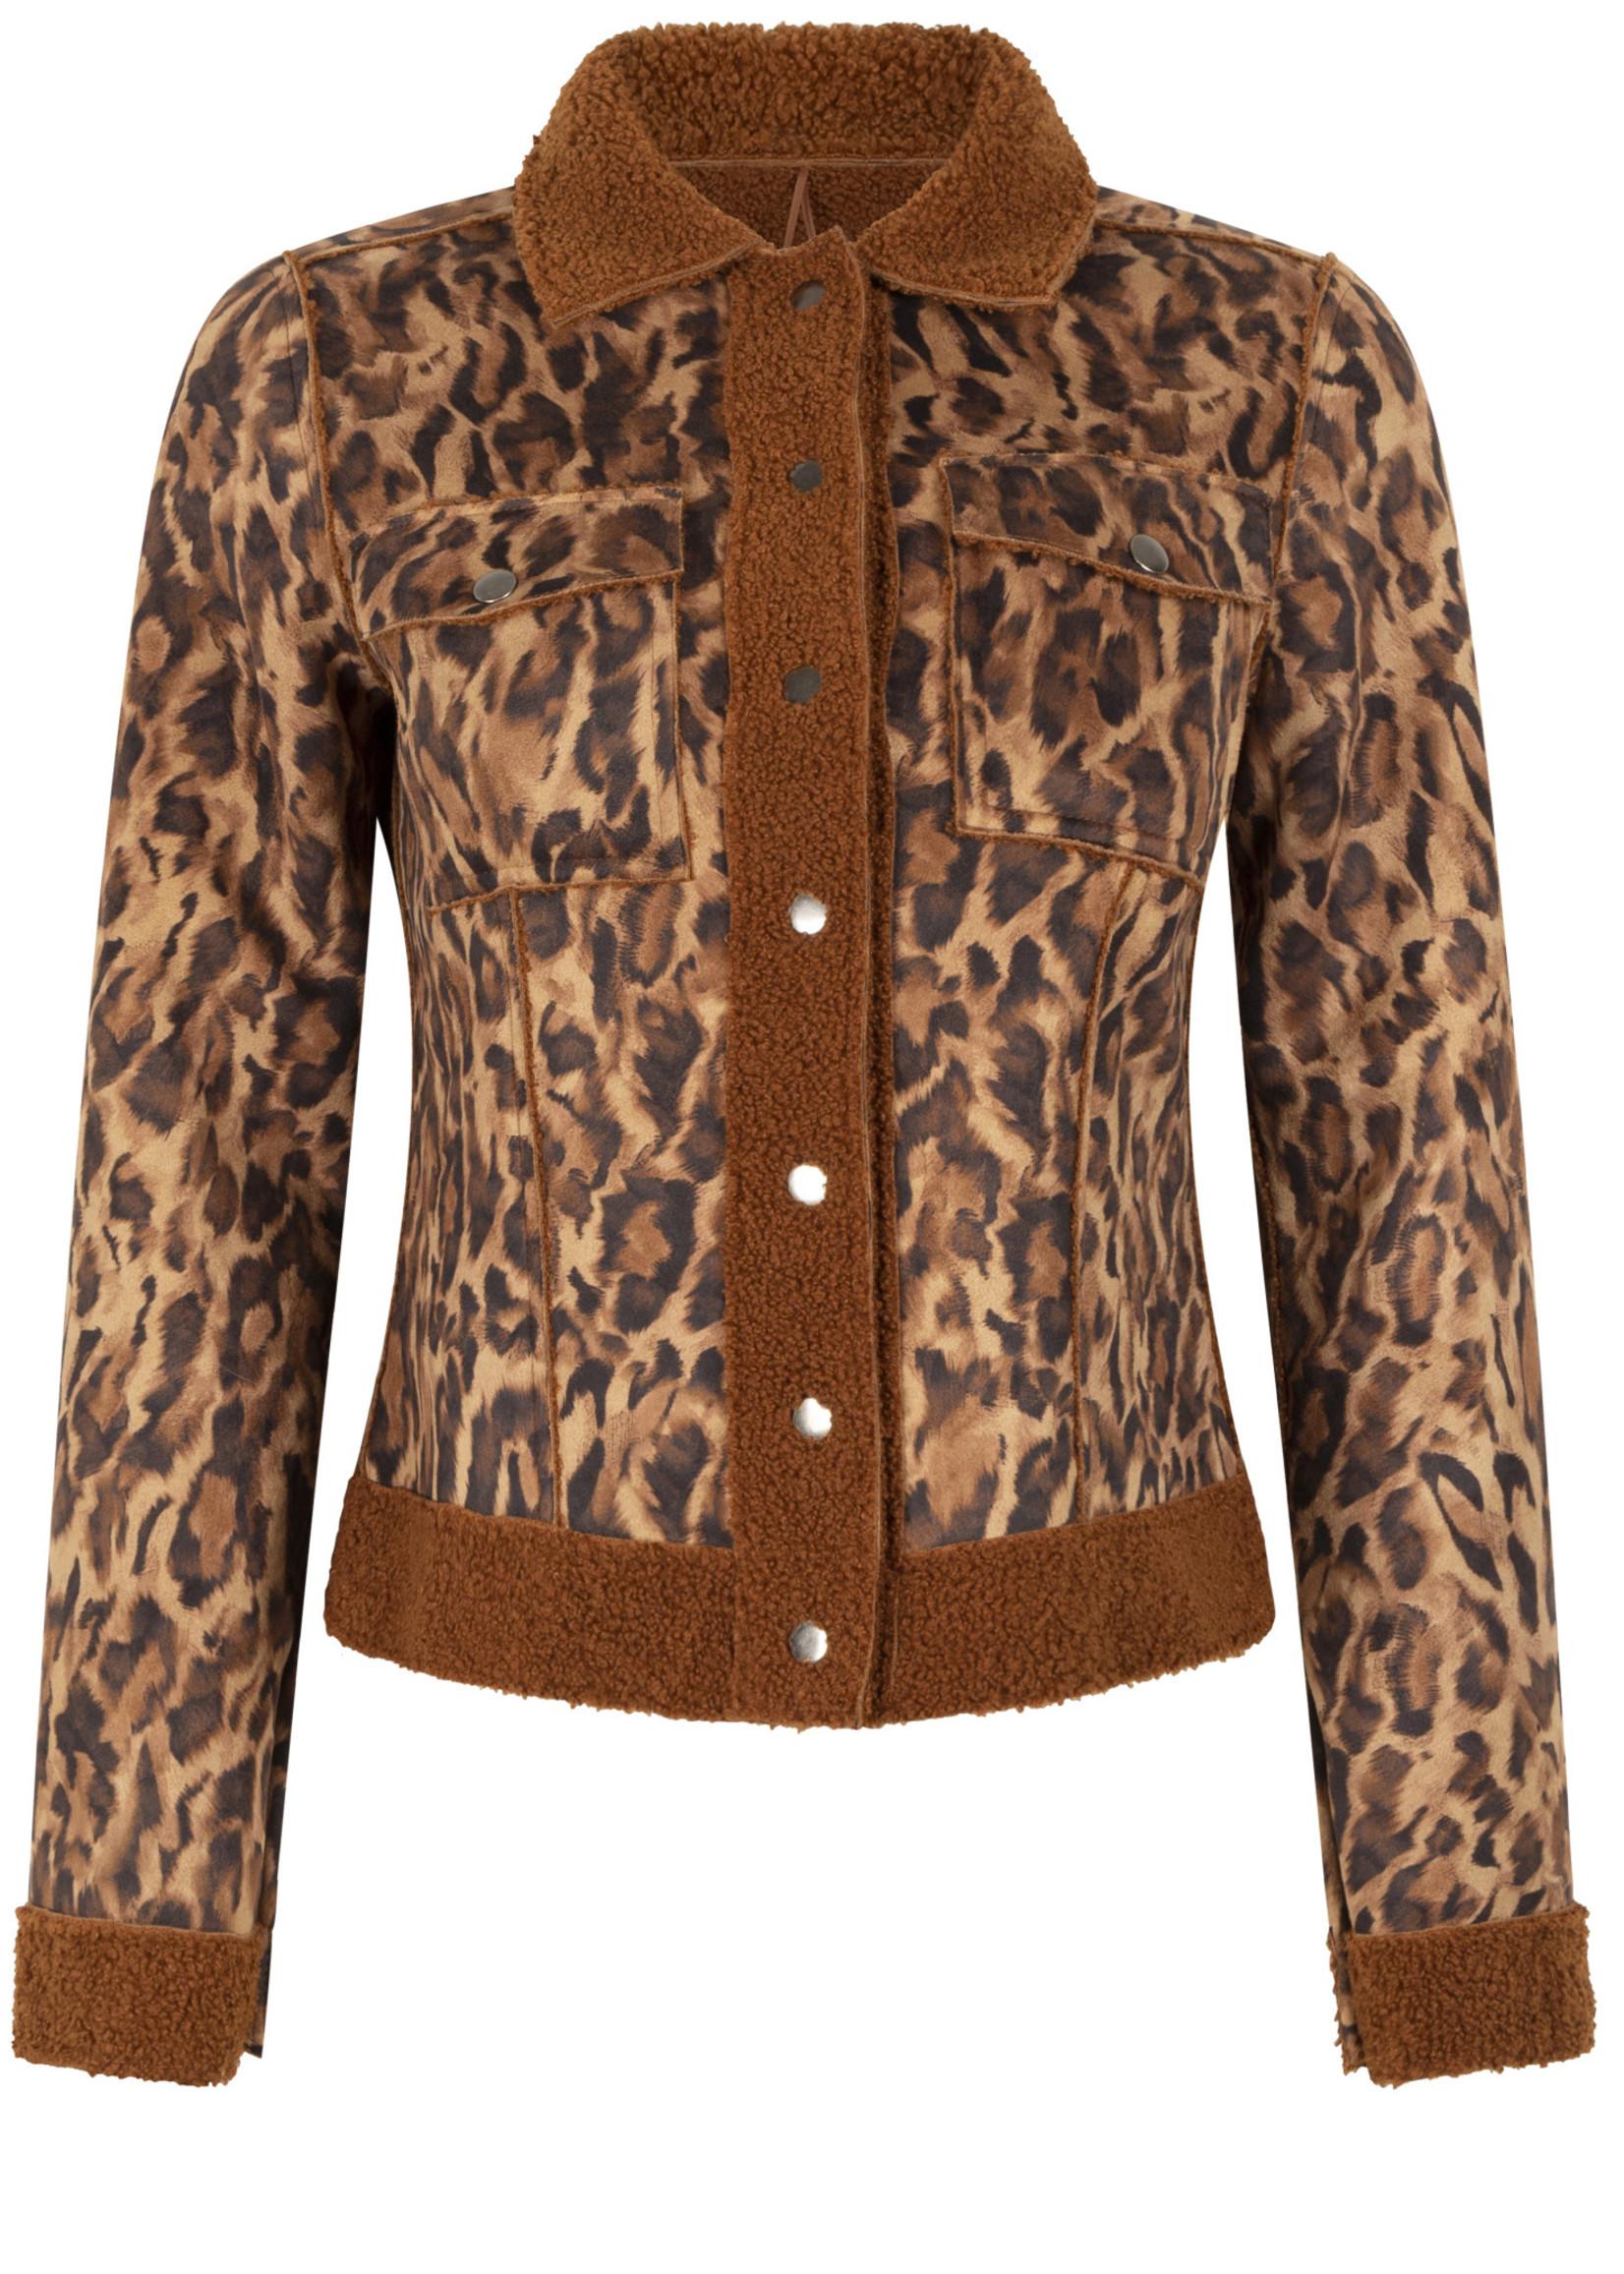 Tramontana Jacket Trucker Reversible  Teddy Hazelnut / Leopard